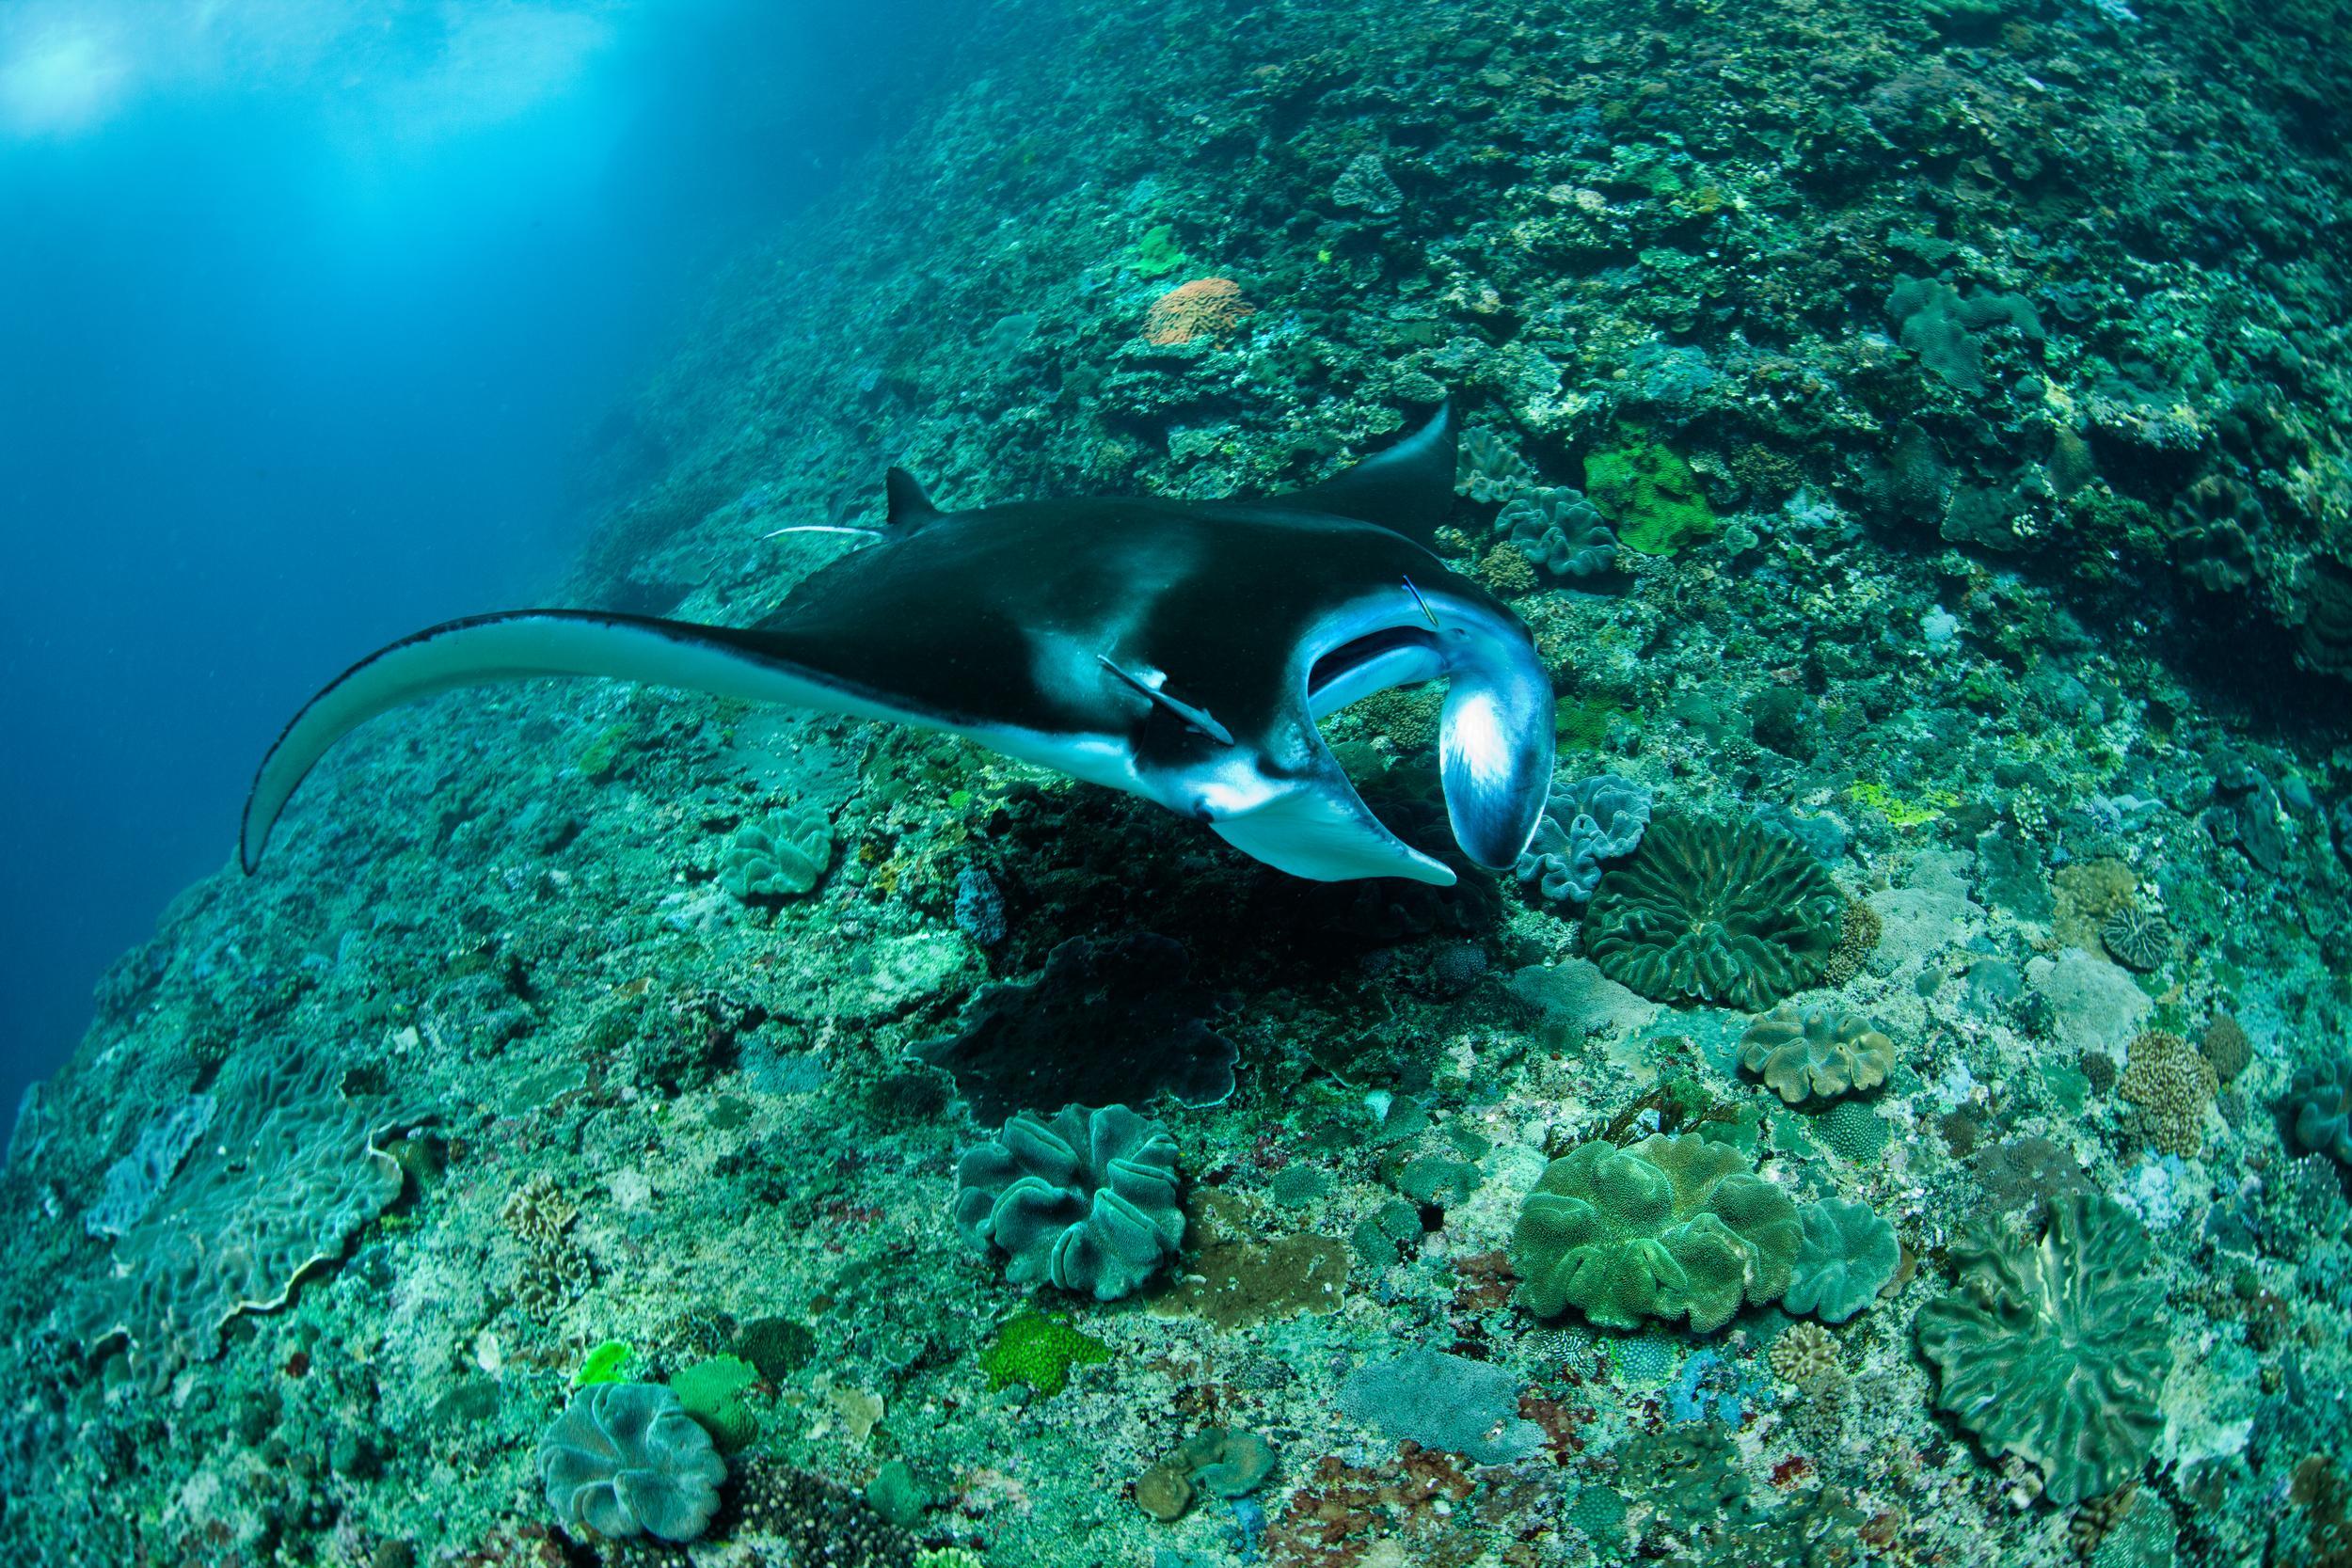 המאבק להצלת האוקיינוסים